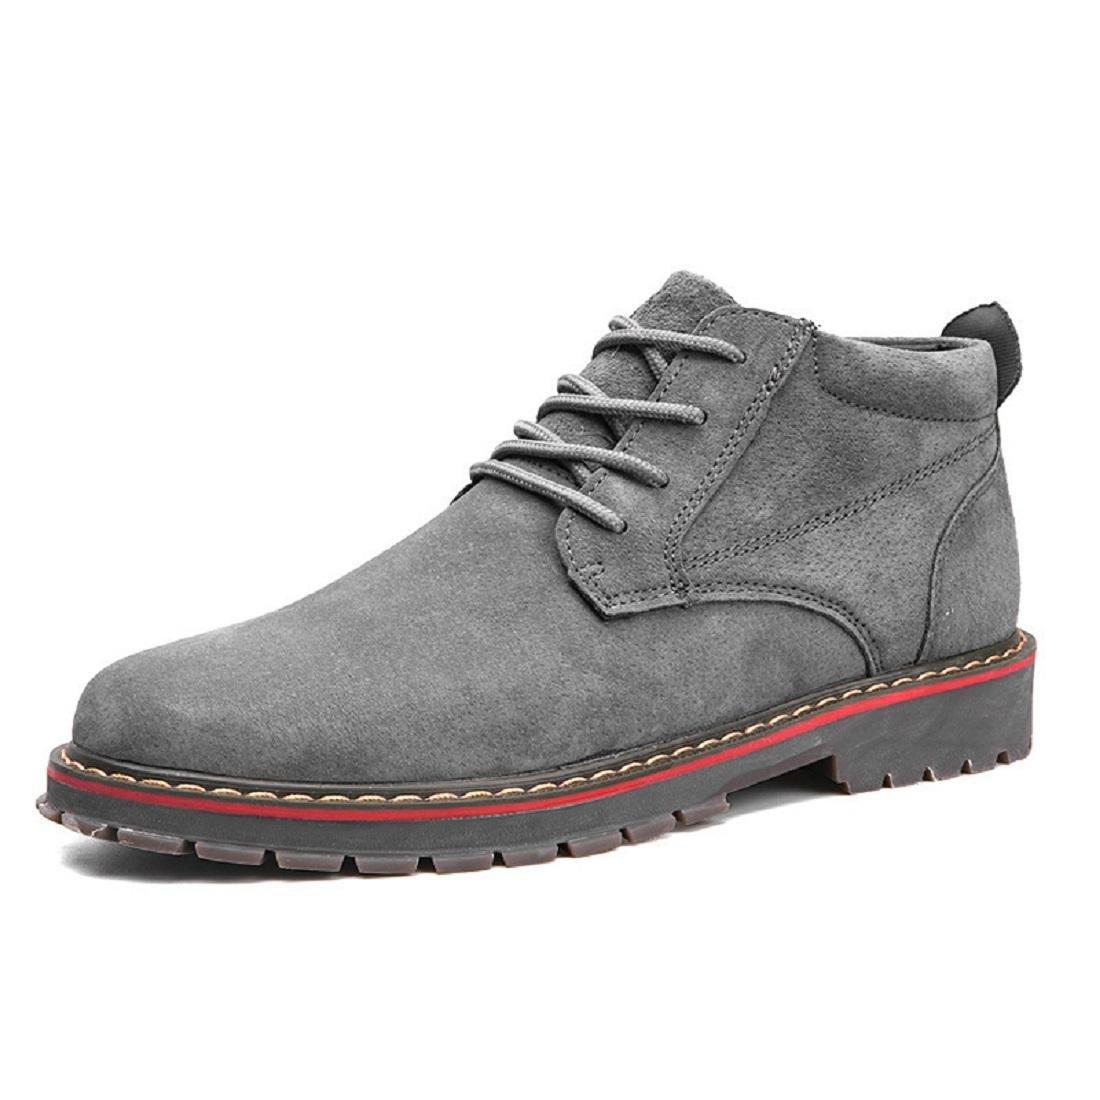 Herren Winter Mode Freizeit Martin Stiefel Draussen Werkzeugschuhe Lässige Schuhe Flache Schuhe Rutschfest Gemütlich EUR GRÖSSE 39-44